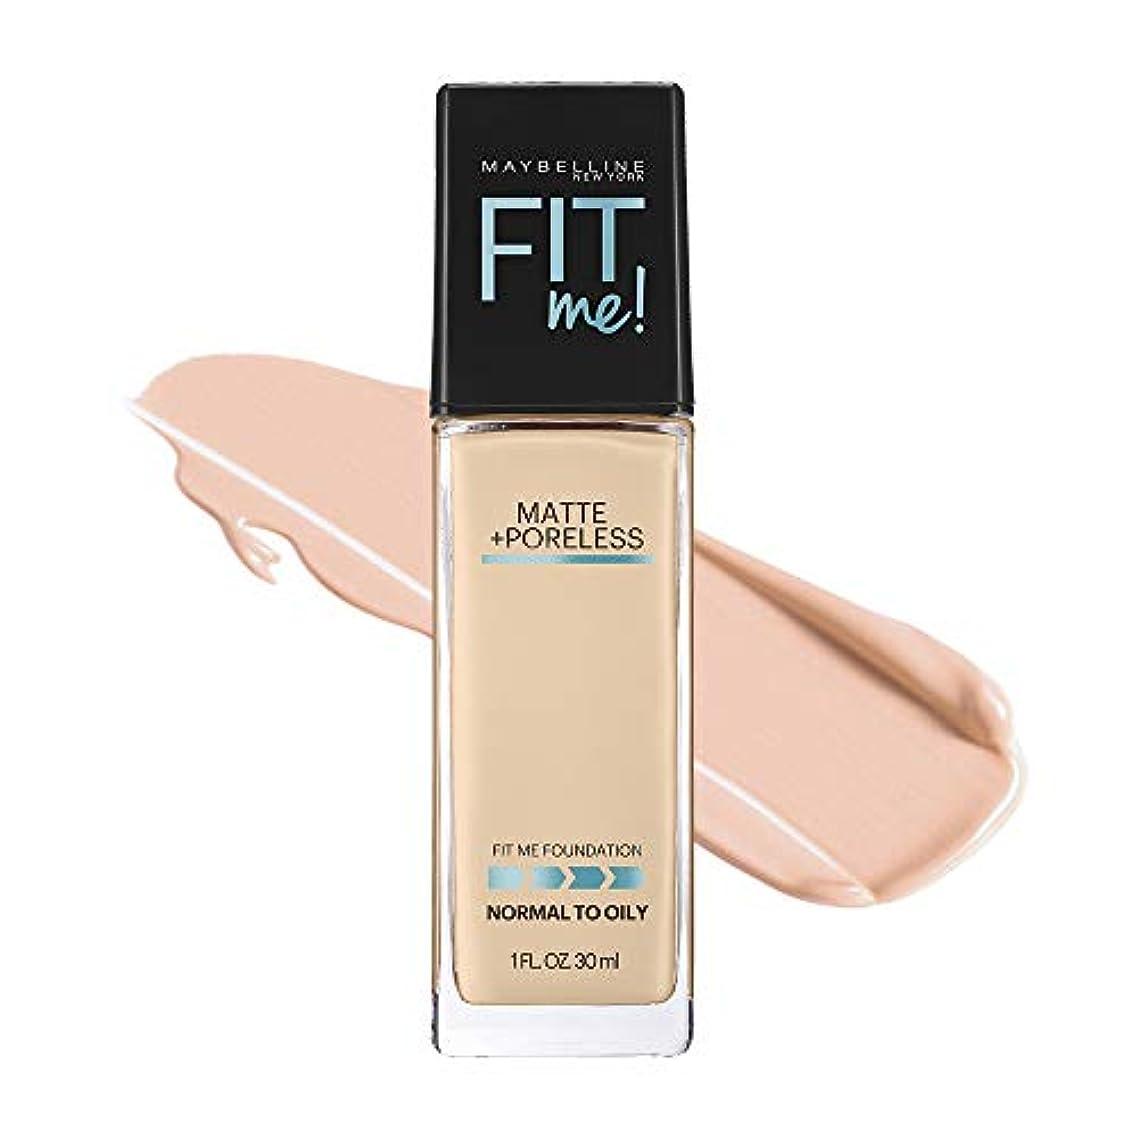 フェミニンモードリン煩わしいメイベリン フィットミー リキッド ファンデーション 115 標準的な肌色(ピンク系)